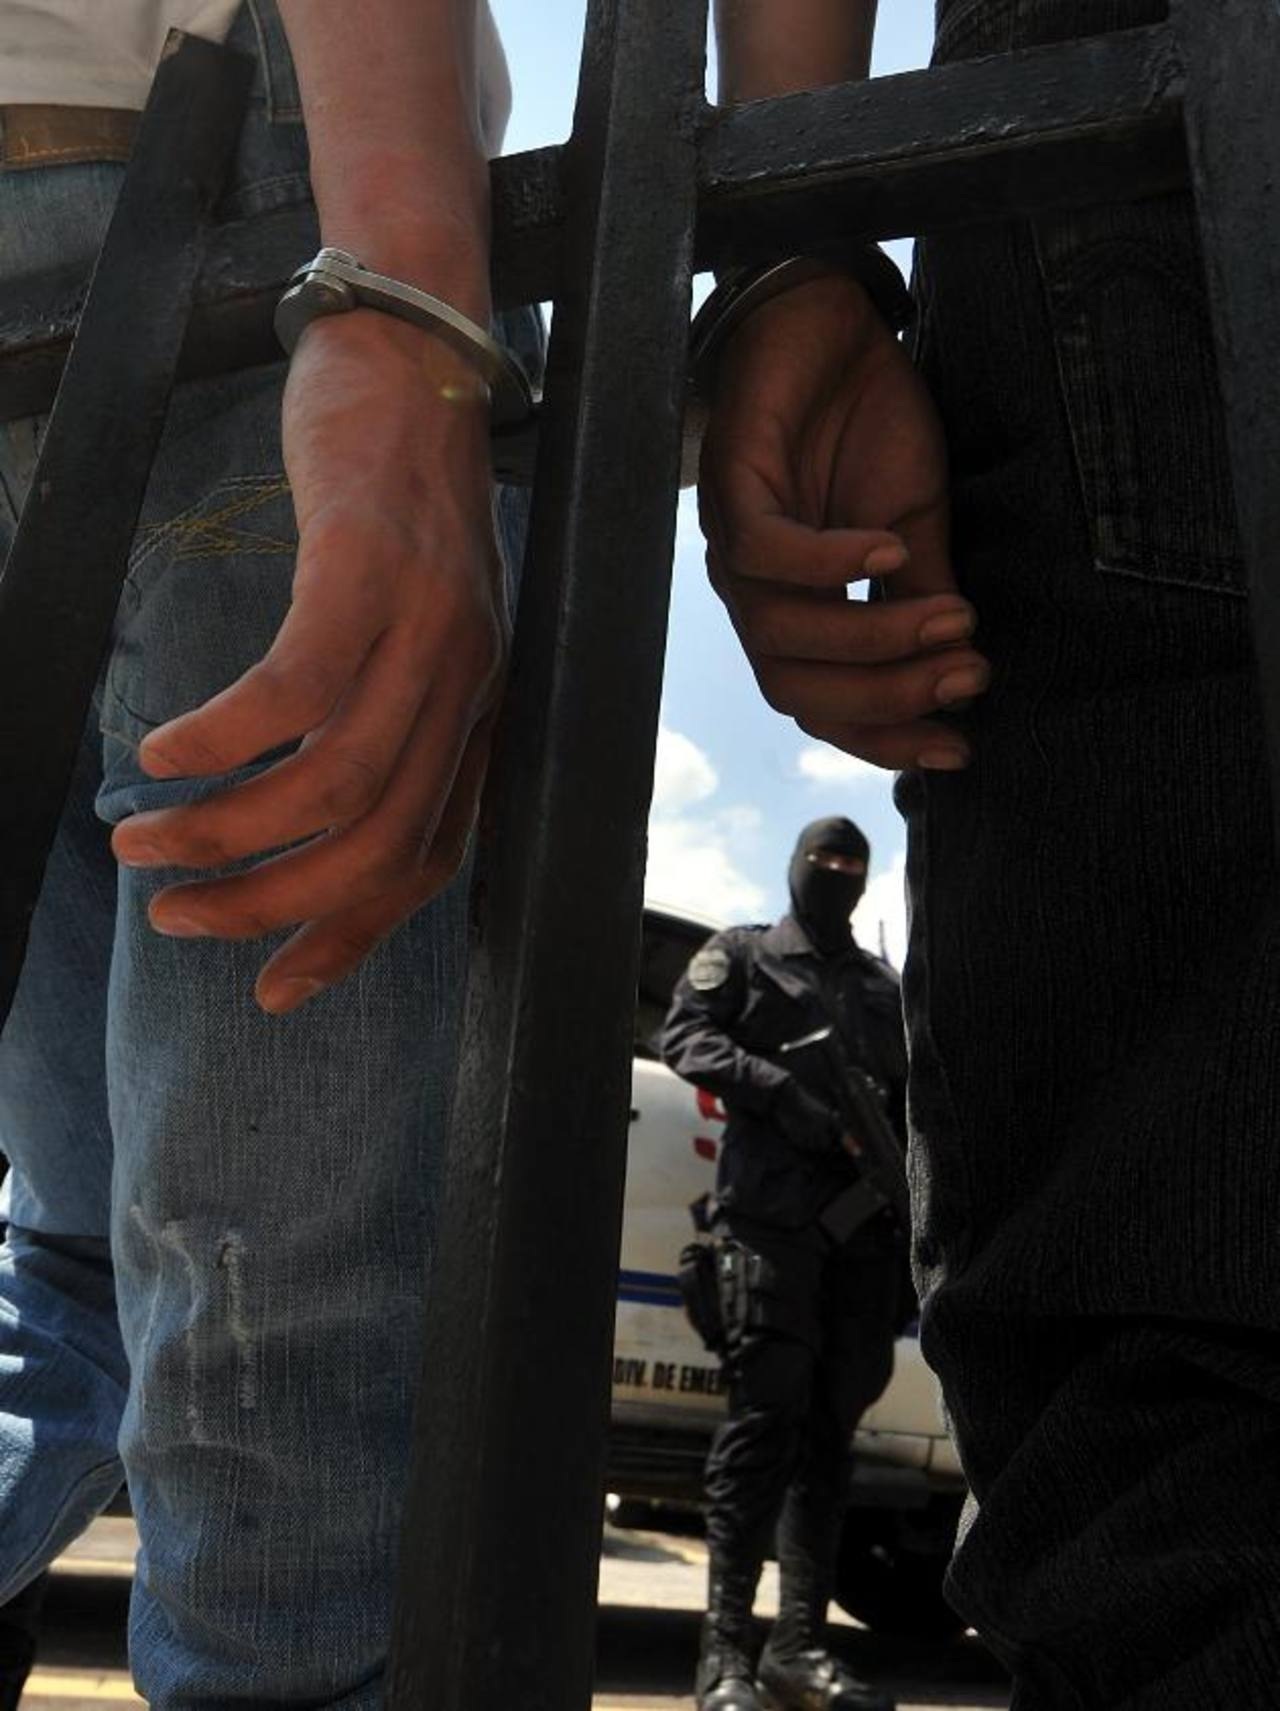 Los crímenes fueron cometidos en la zona oriental del país, según la Fiscalía.